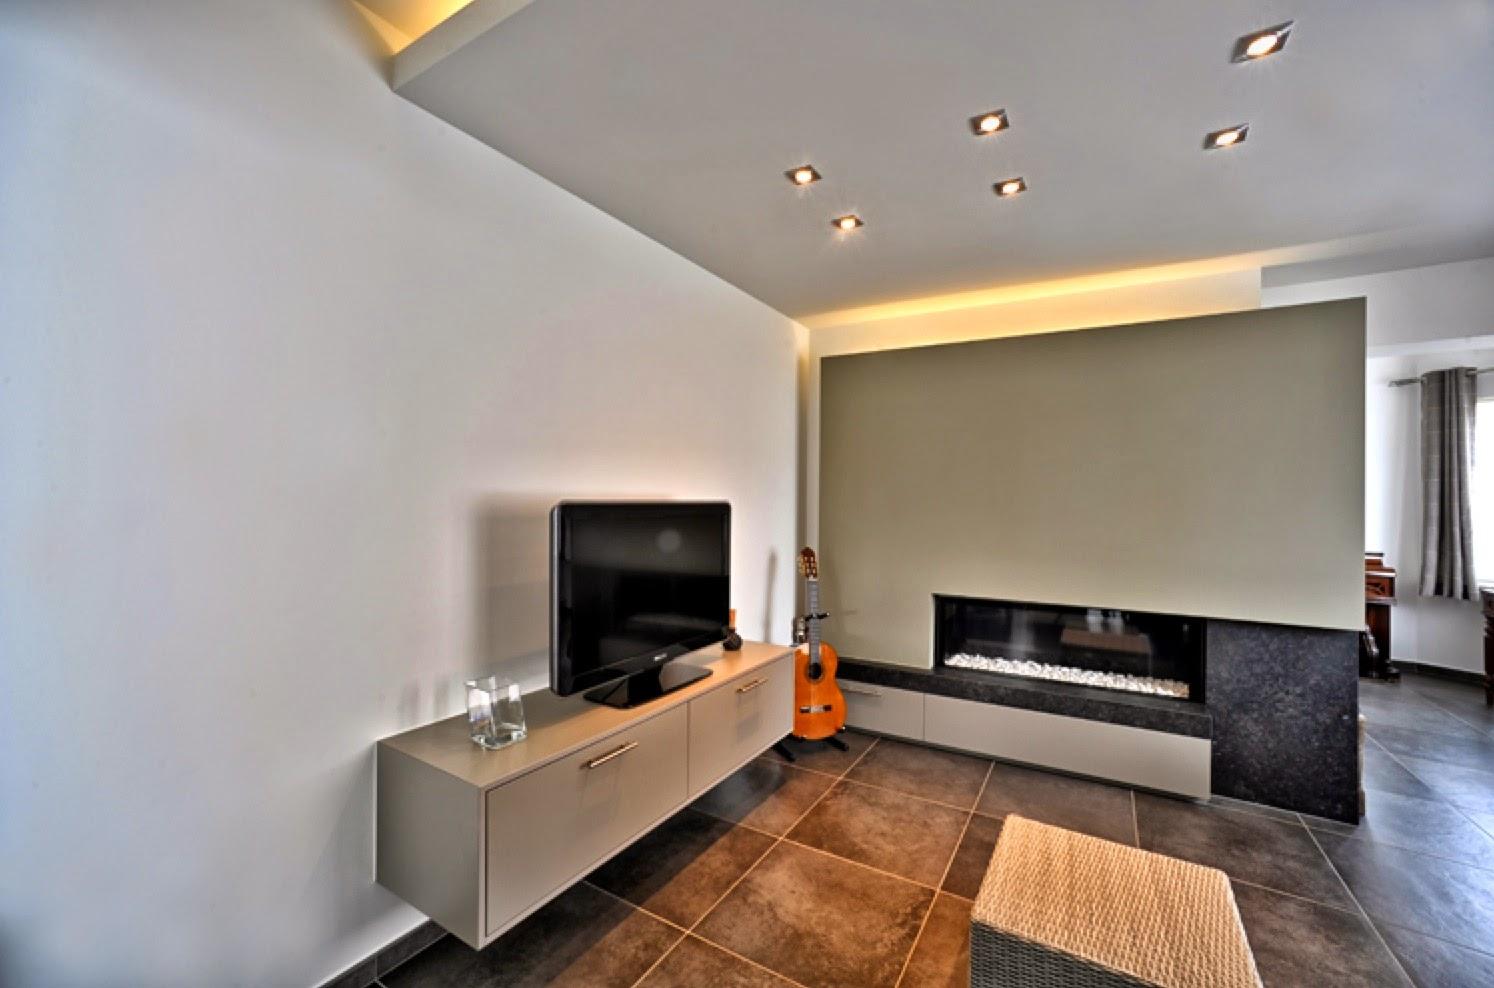 Realisaties interieur woon en eetkamers interieurbouw claesen gunther bilzen - Interieur decoratie modern hout ...